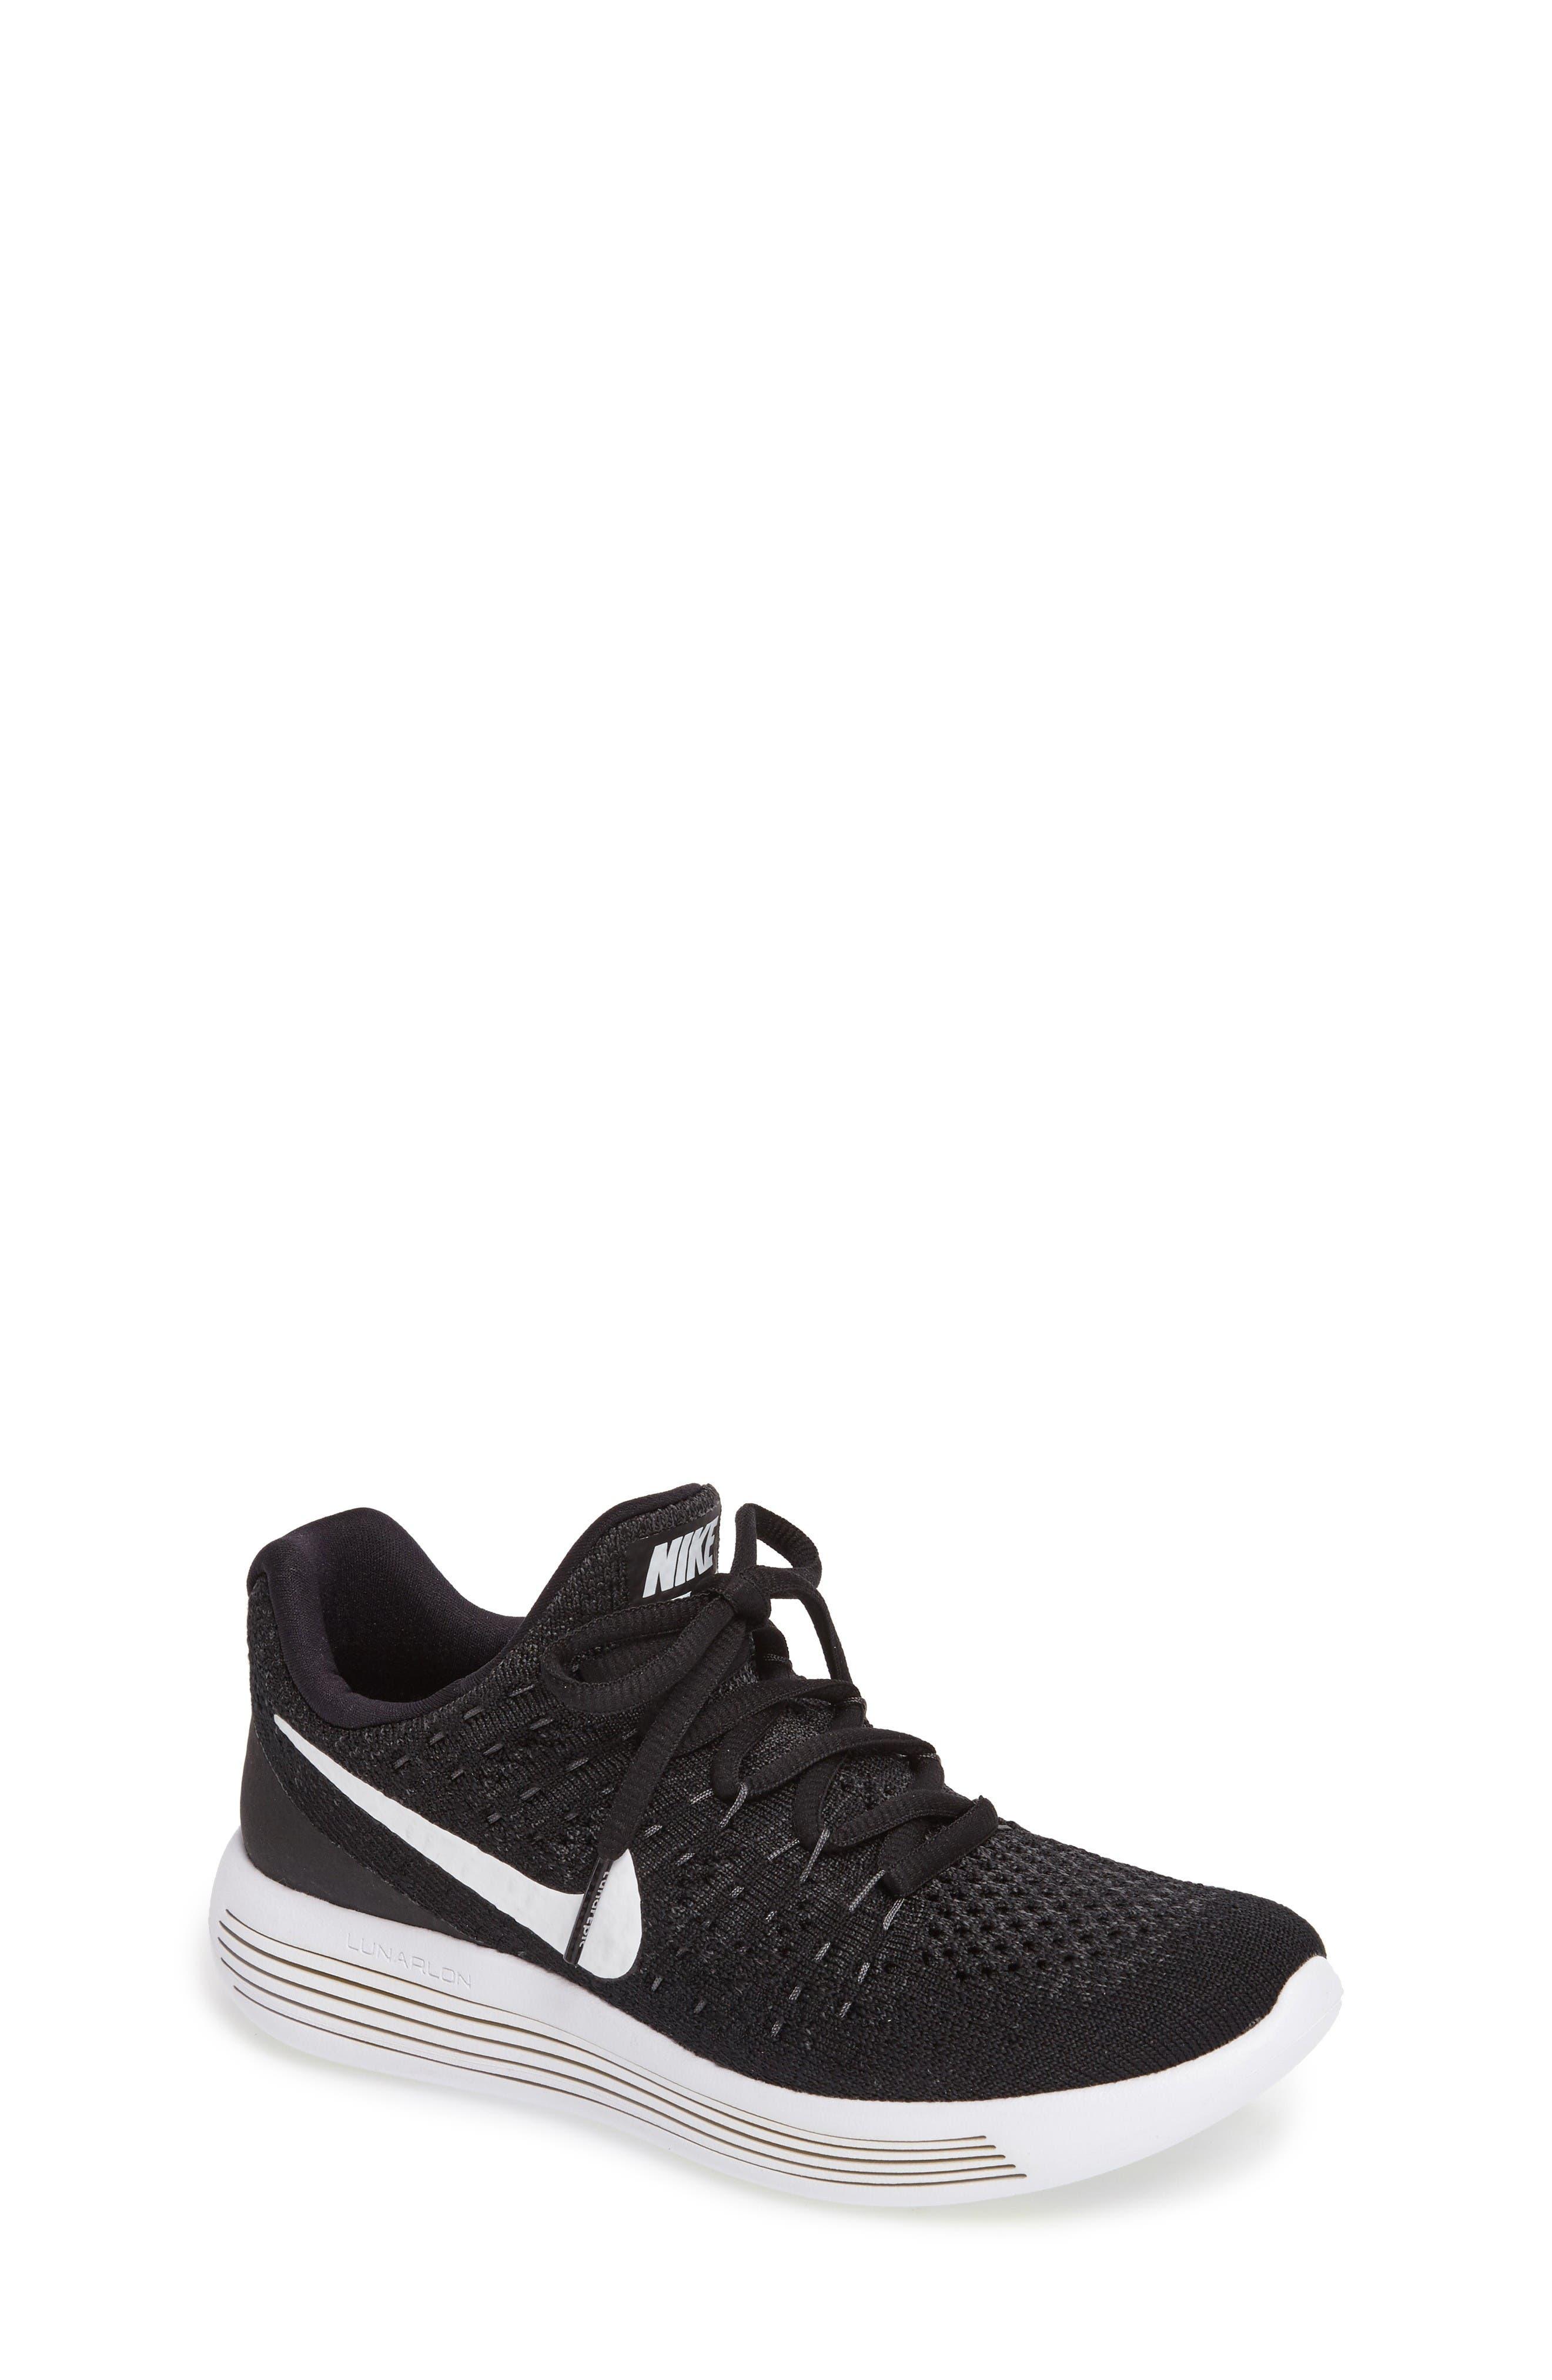 Main Image - Nike Flyknit LunarEpic Sneaker (Big Kid) (Regular Retail Price: $115.00)